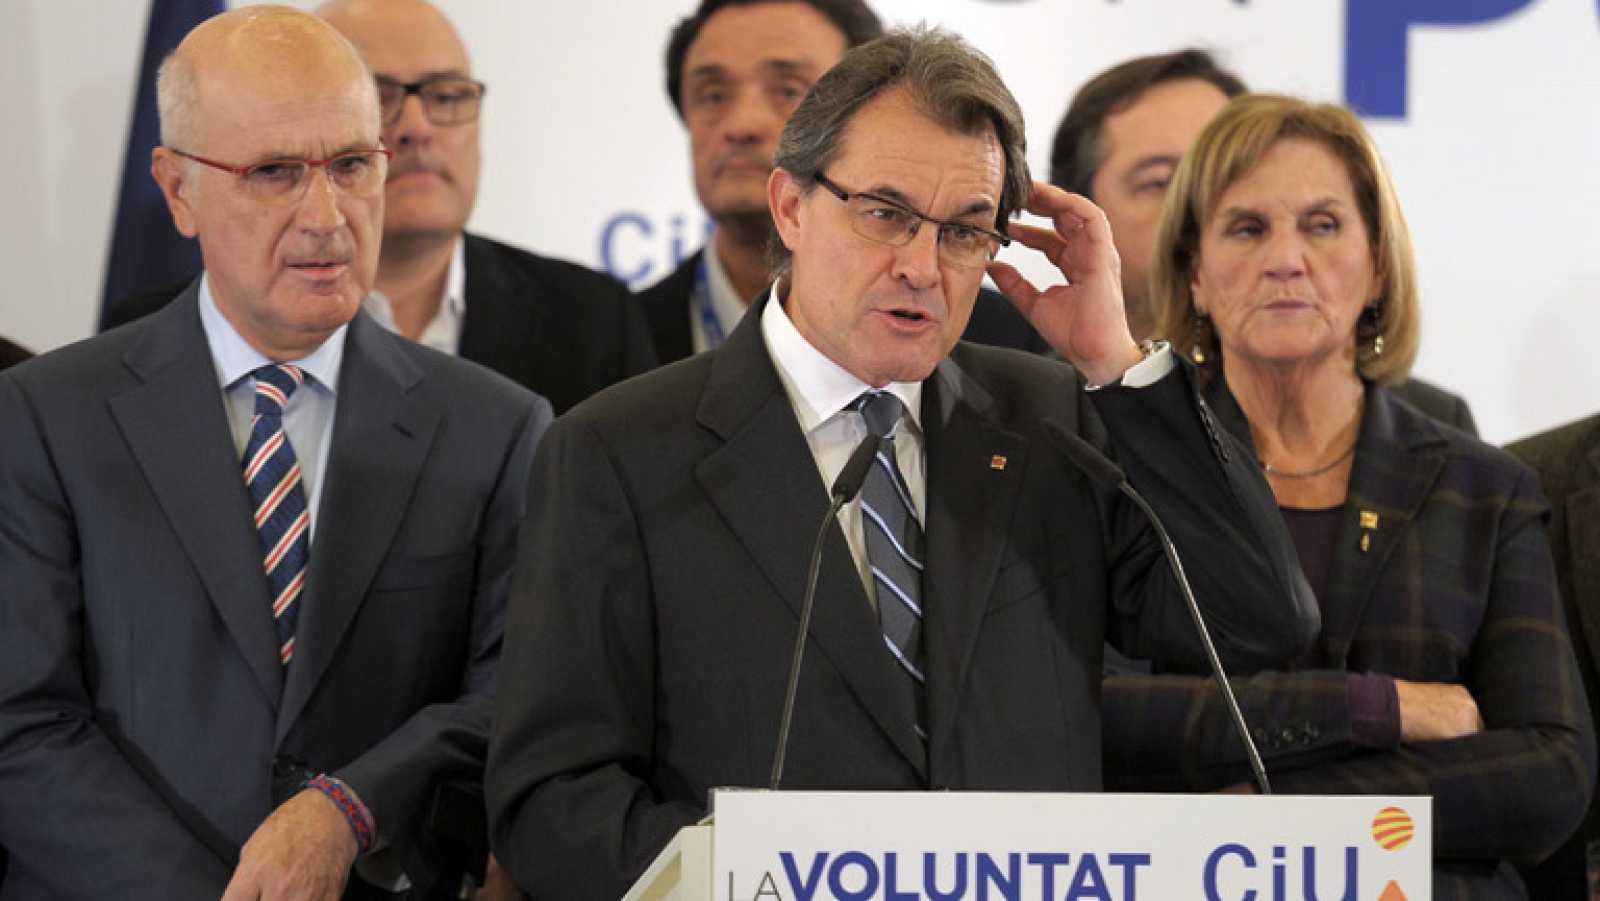 """El líder de CiU, Artur Mas, ha admitido este domingo 25 de noviembre que su partido ha quedado """"lejos de la mayoría excepcional"""" que reclamaban y, por este motivo, que no tiene la """"fuerza necesaria"""" para liderar el """"proceso"""", en alusión a la celebrac"""